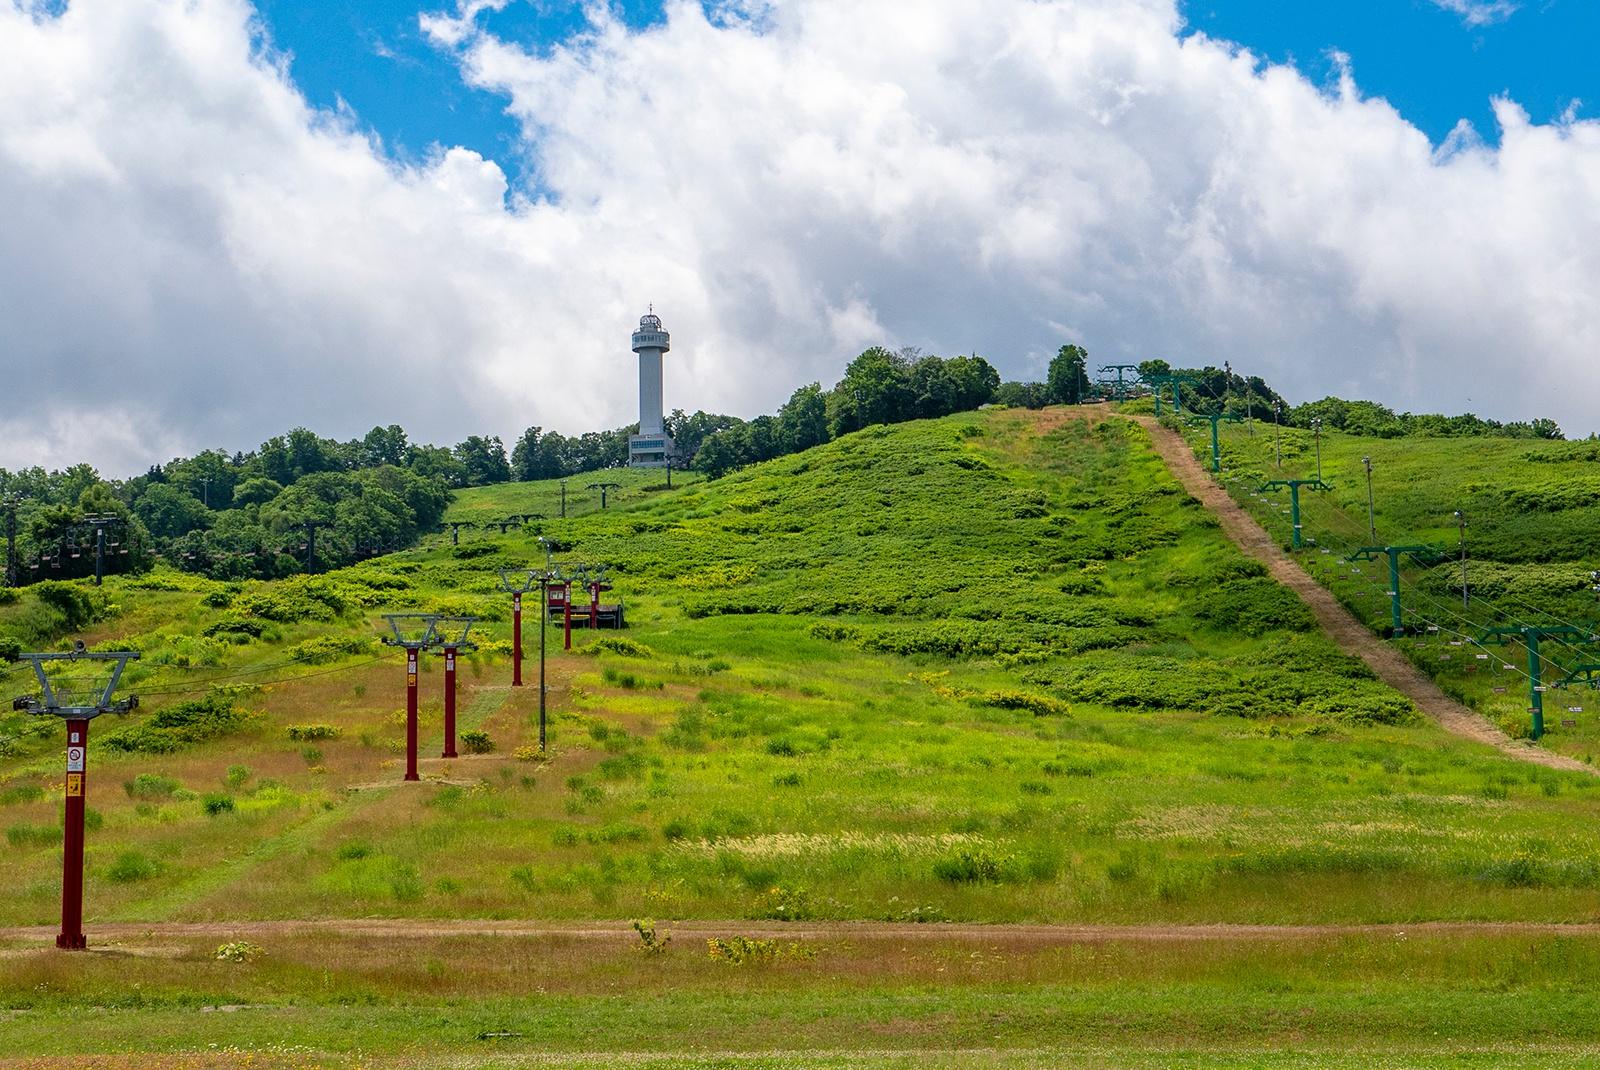 大雪山連峰や夜景が楽しめる!恋人の聖地「旭川ニコラス展望タワー」